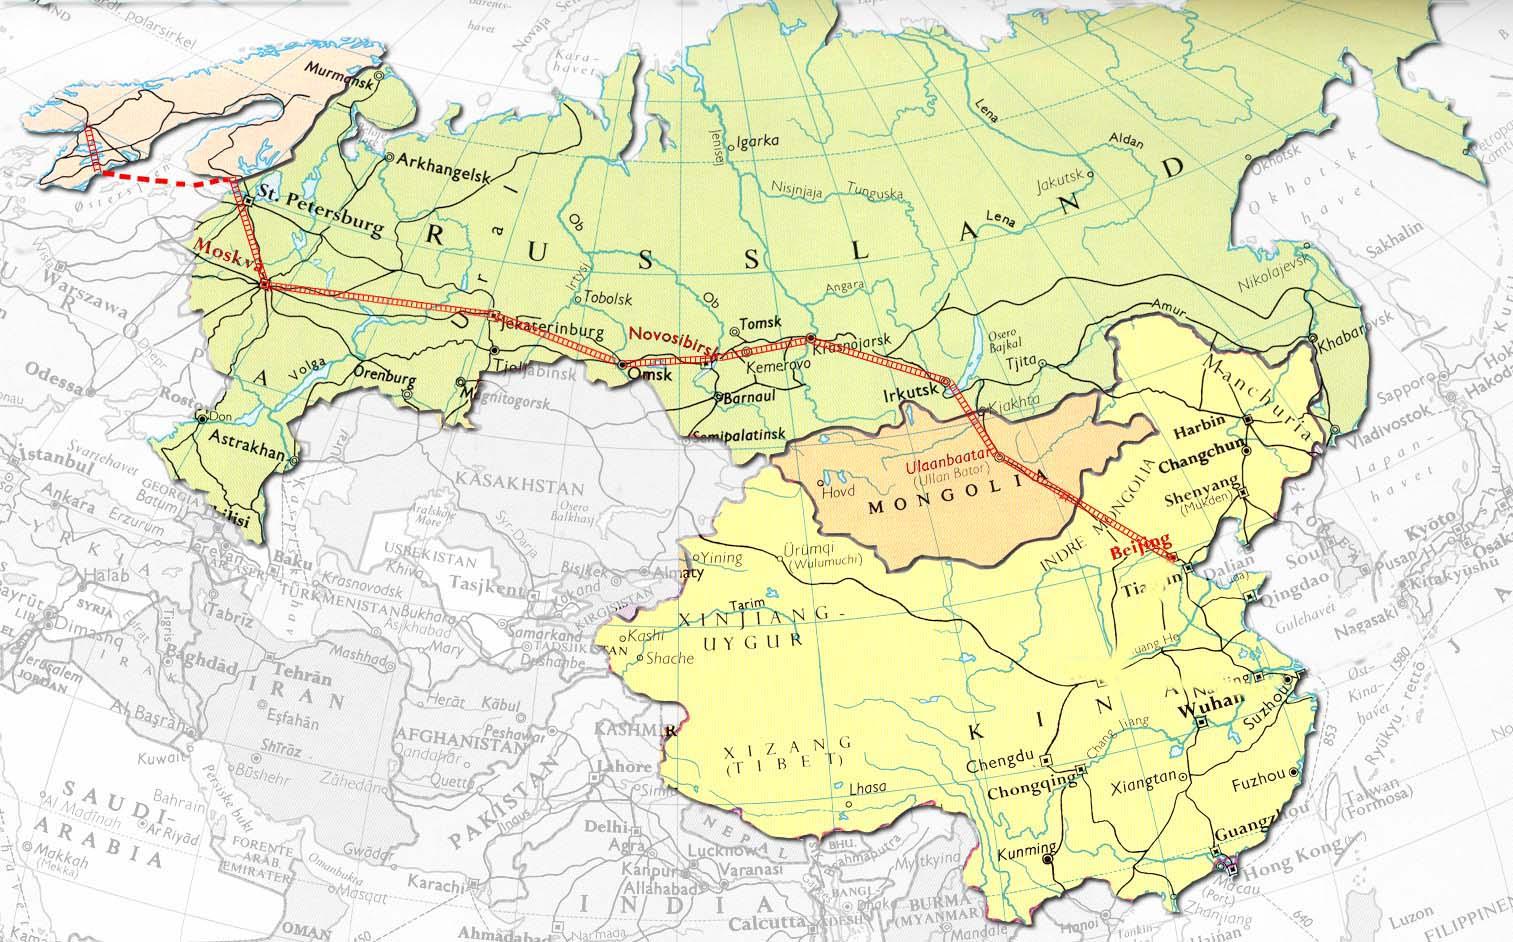 kart sibir TransSibir Expedition 2005 kart sibir